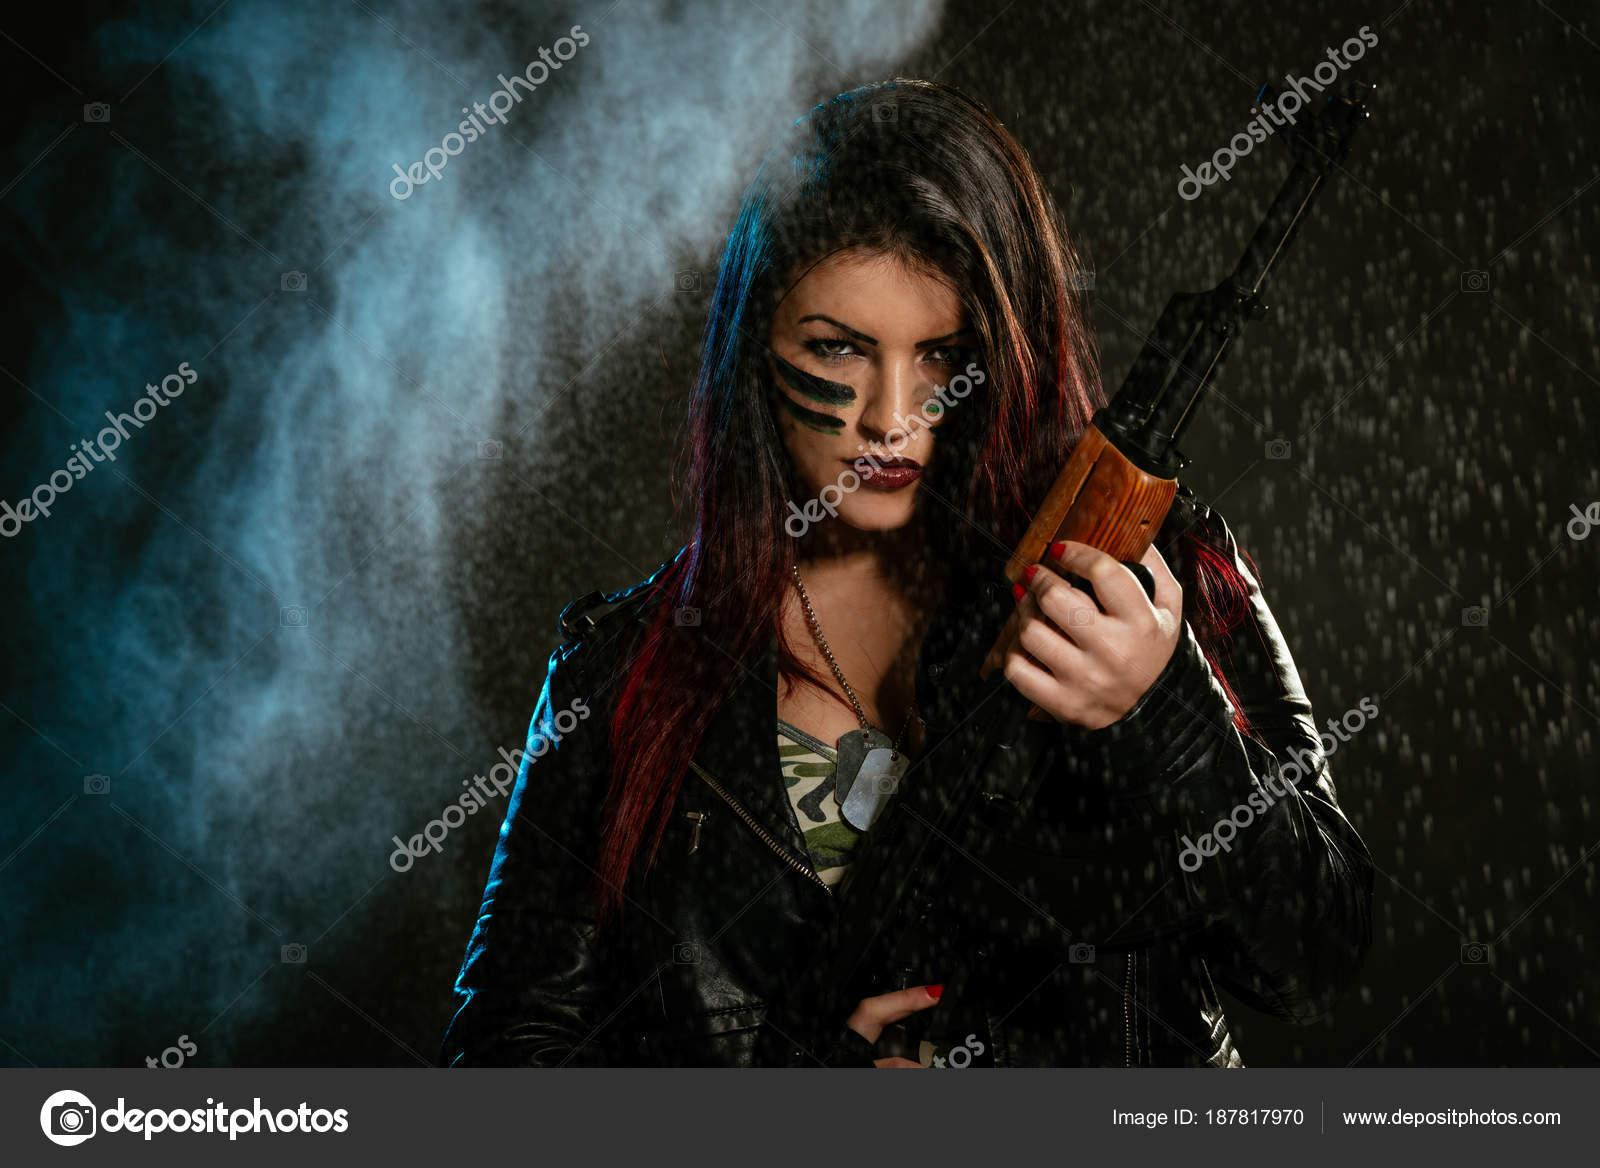 Jeune Femme Militaire Attrayante Avec Peinture Visage Dans Peinture